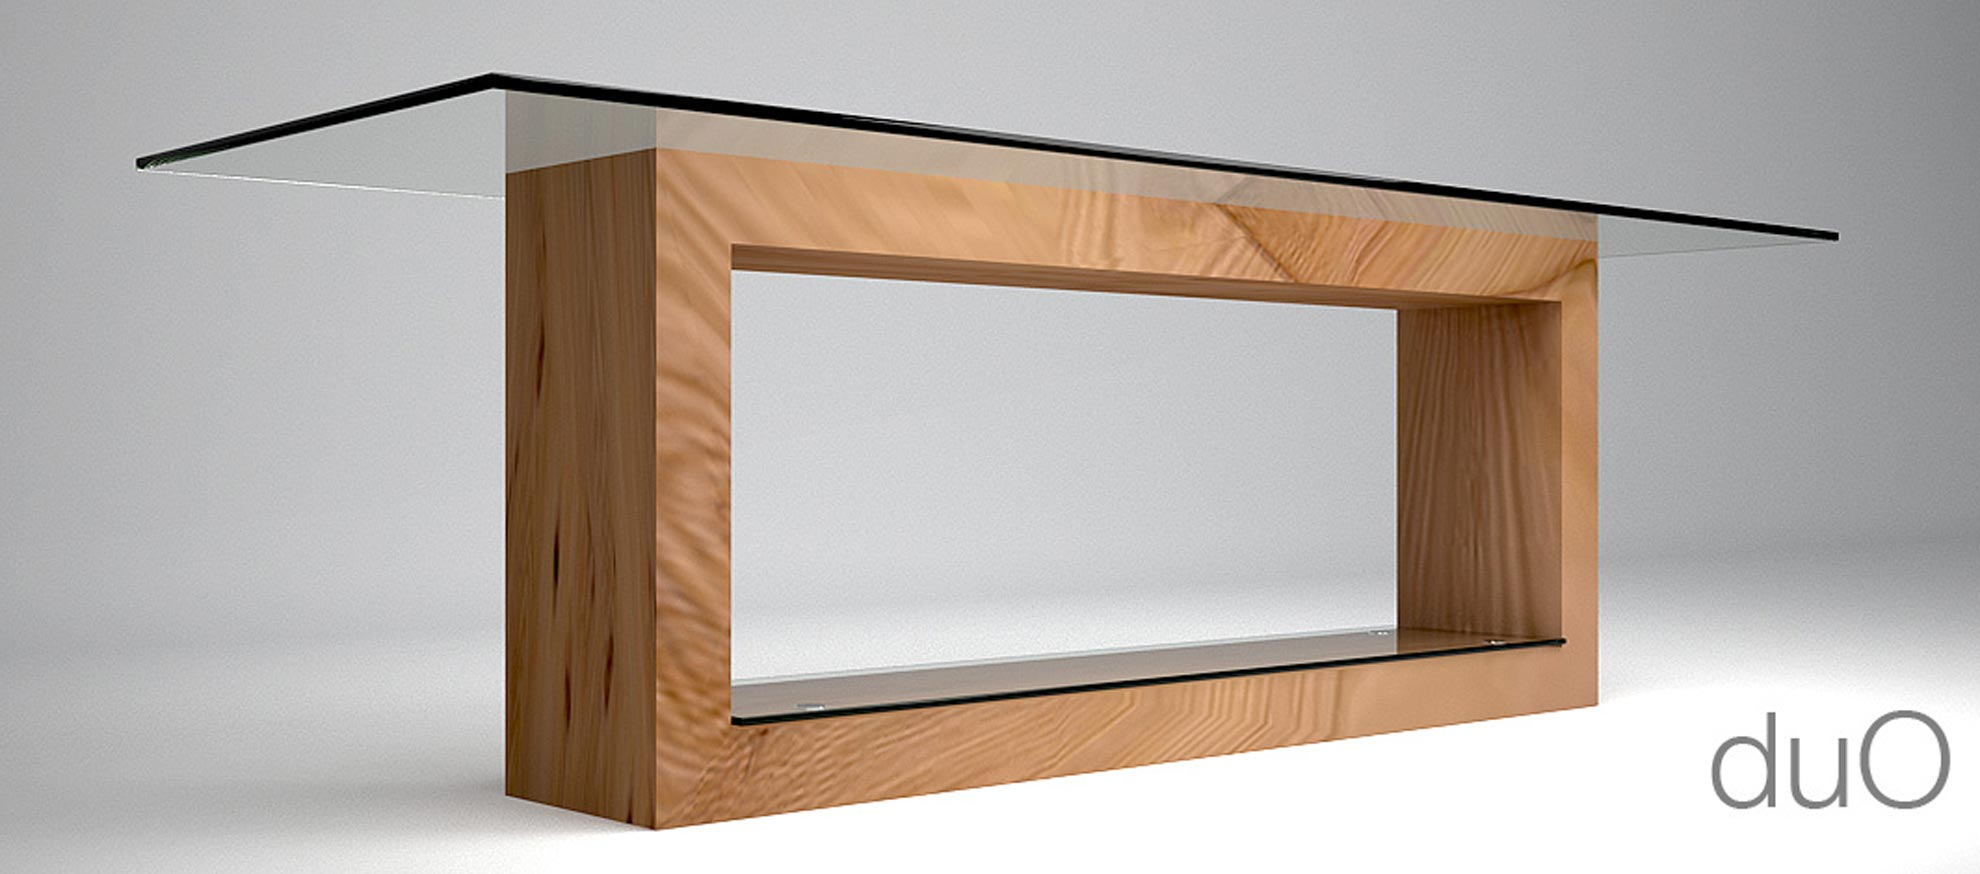 Tavolo in legno e cristallo duo architetto andrea bella for Tavolo in legno design